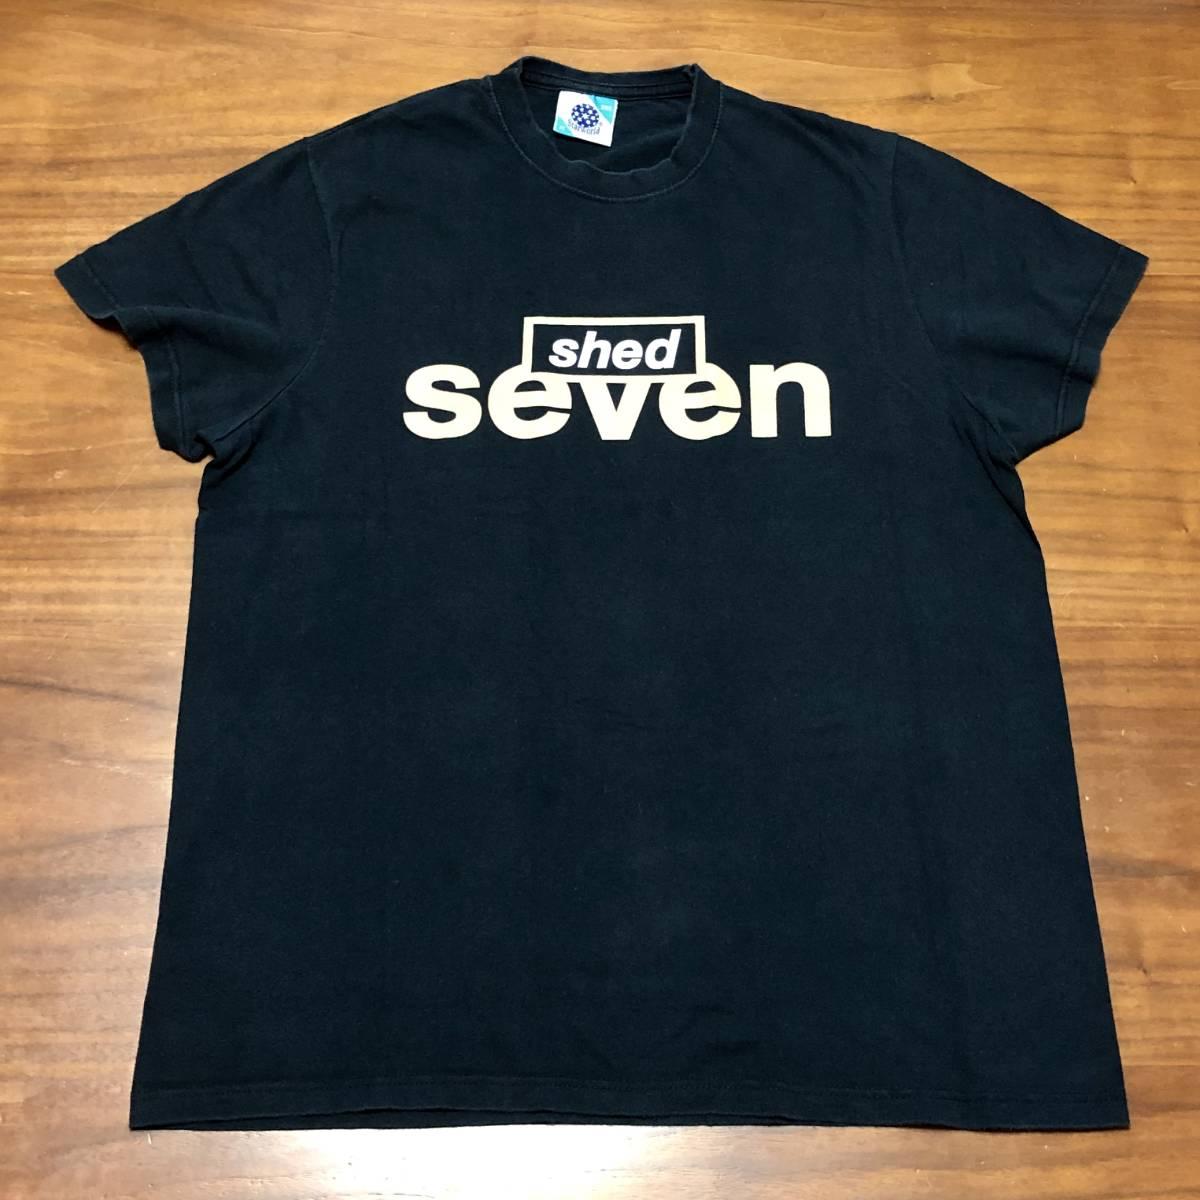 00s ビンテージ Shed 7 シェッド セブン Tシャツ Mサイズ ヴィンテージ バンドT BLUR OASIS NIRVANA ブリットポップ ブラー オアシス BOWIE_画像1